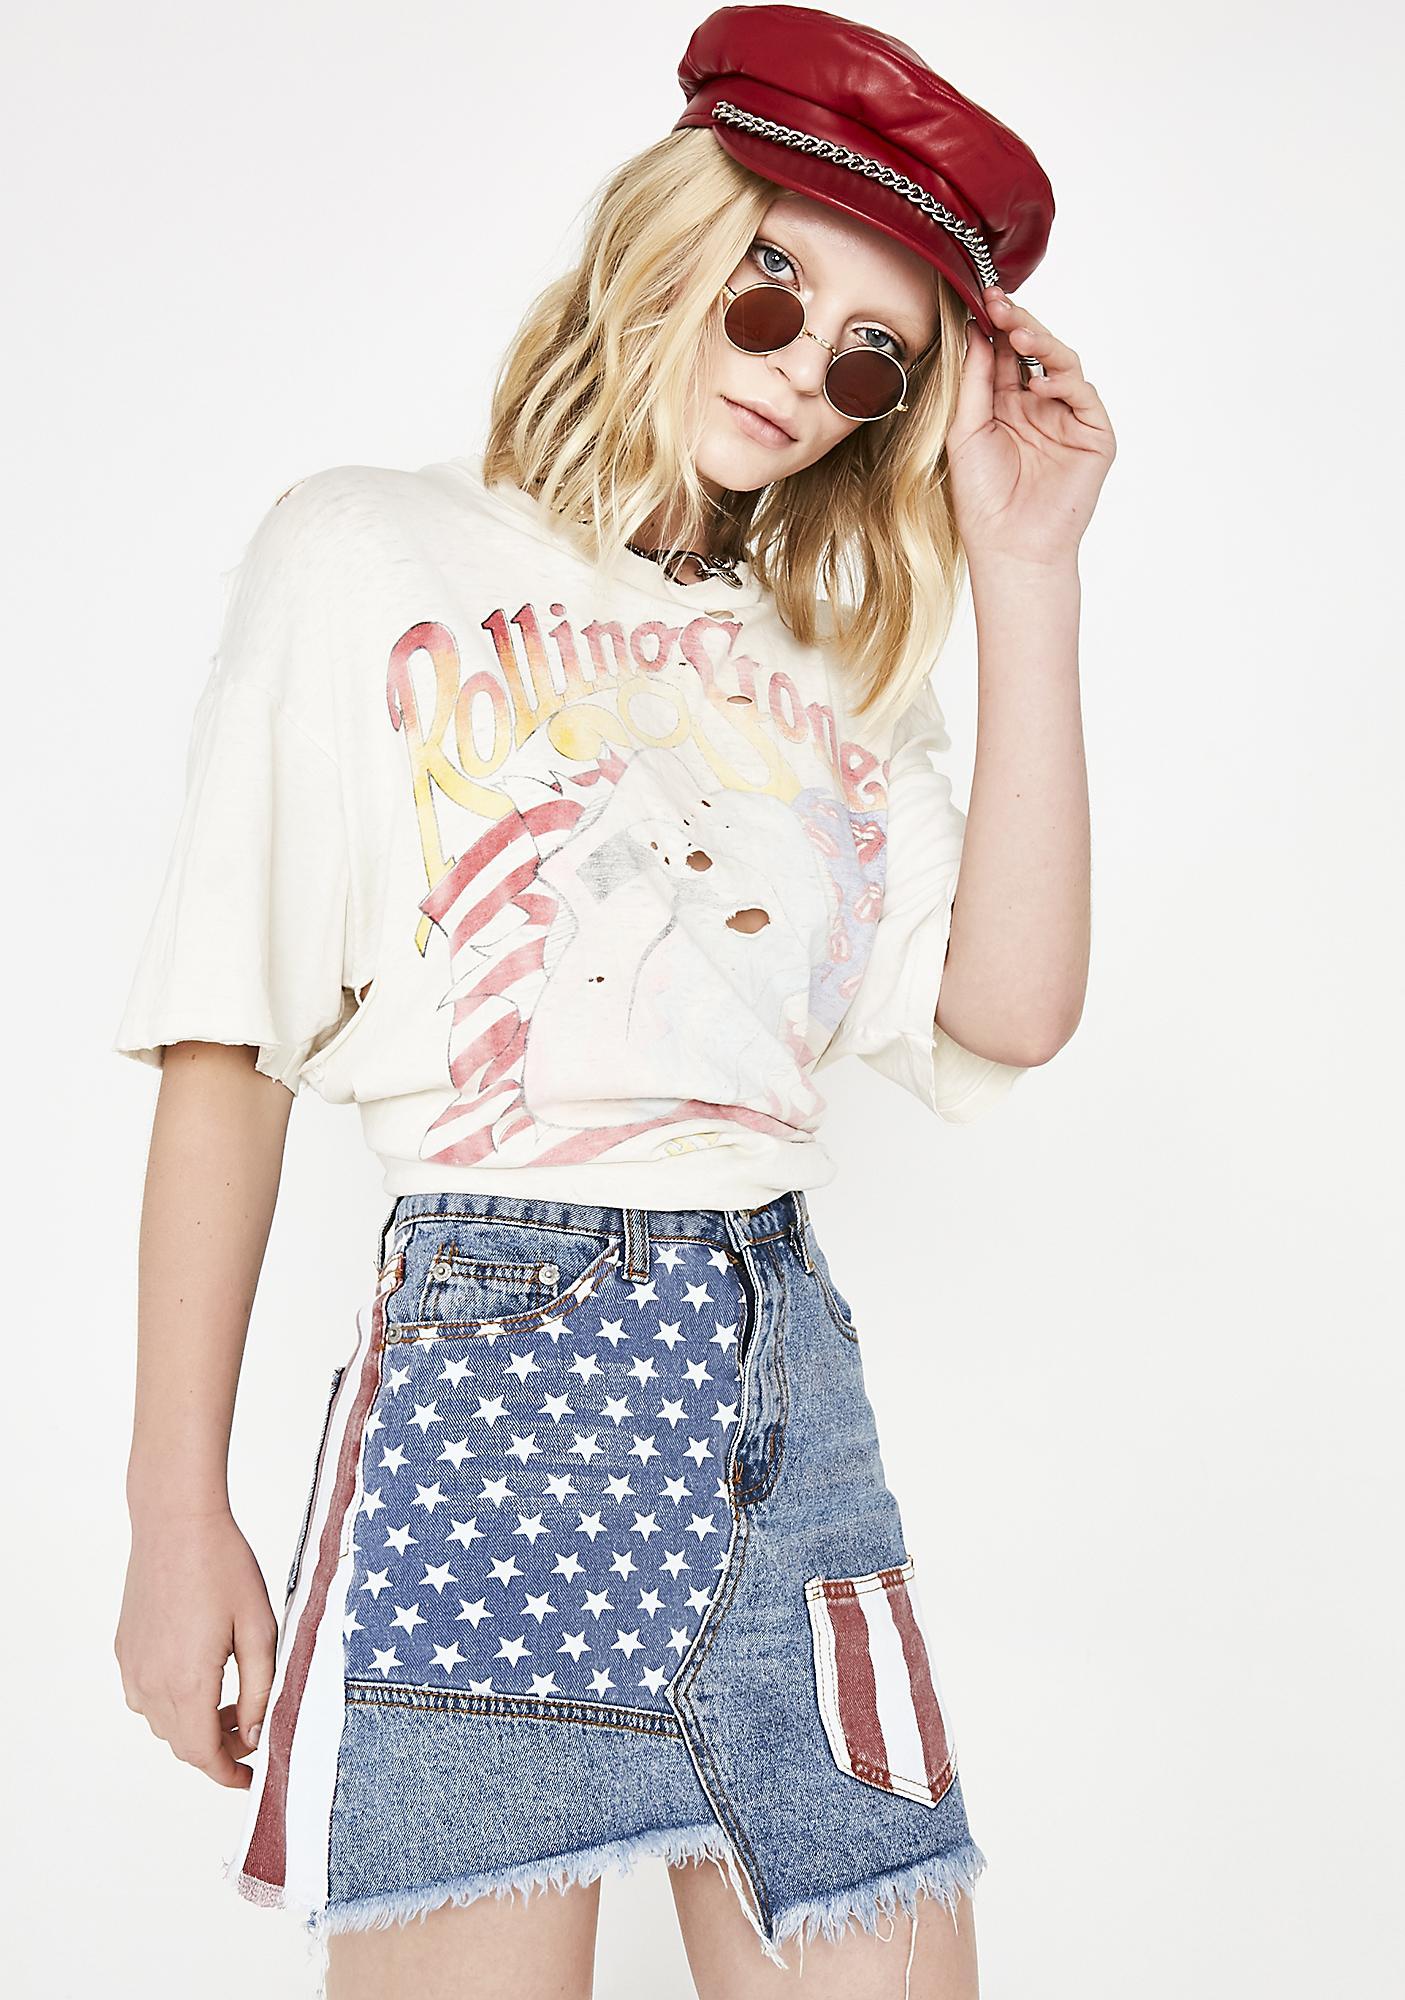 America The Beautiful Denim Skirt